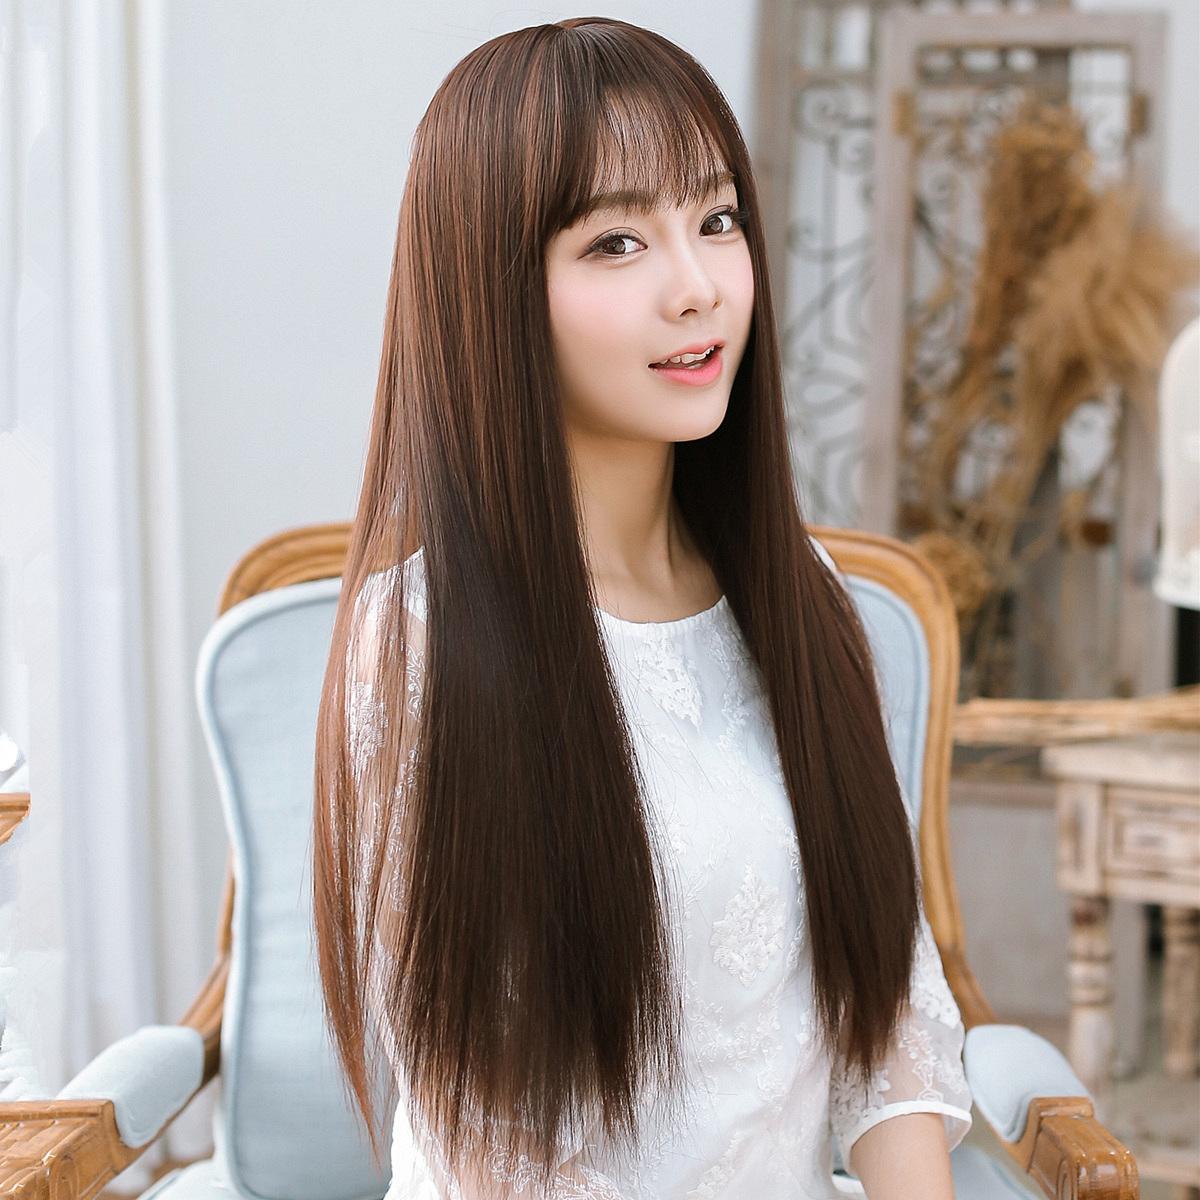 空气刘海 长直发假发 女 自然逼真人长直发 韩国清新薄刘海发型图片